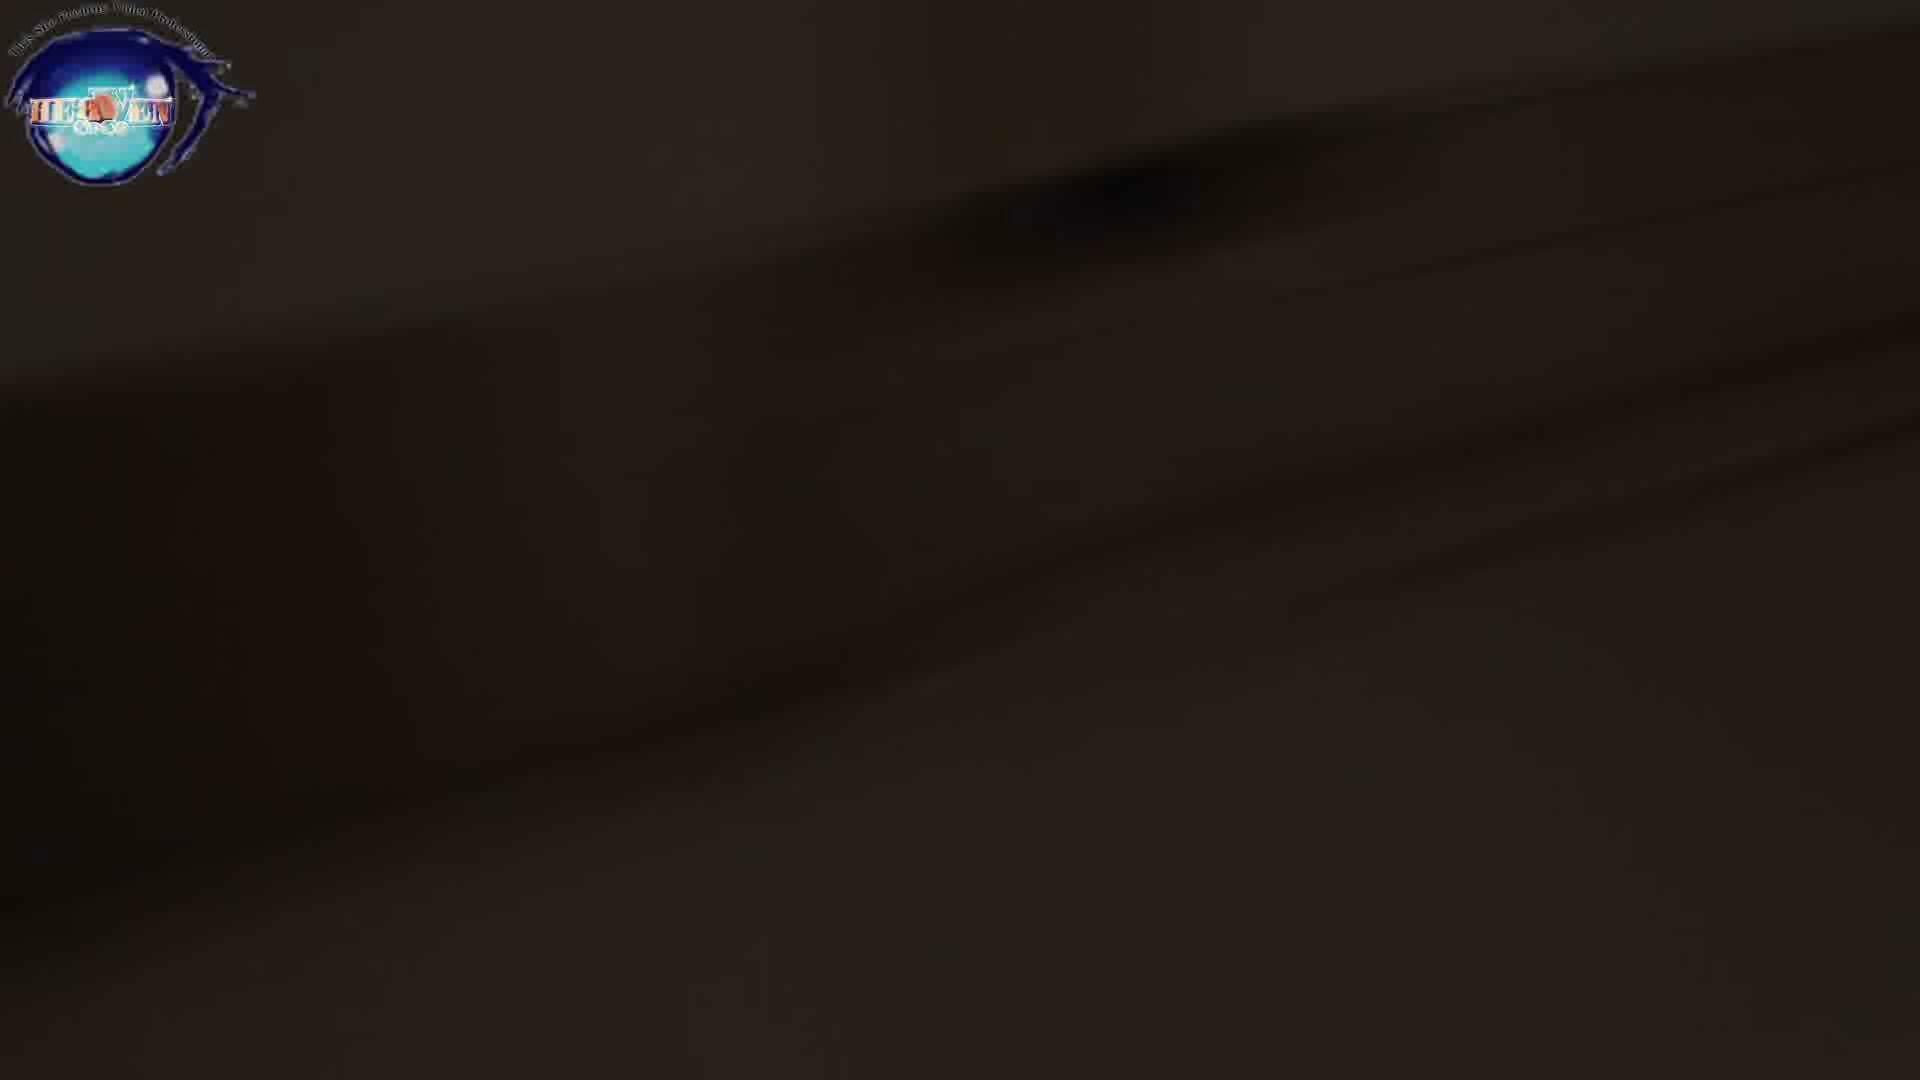 雅さんの独断と偏見で集めた動画集 厠編vol.08 OLのエロ生活   厠  29連発 23